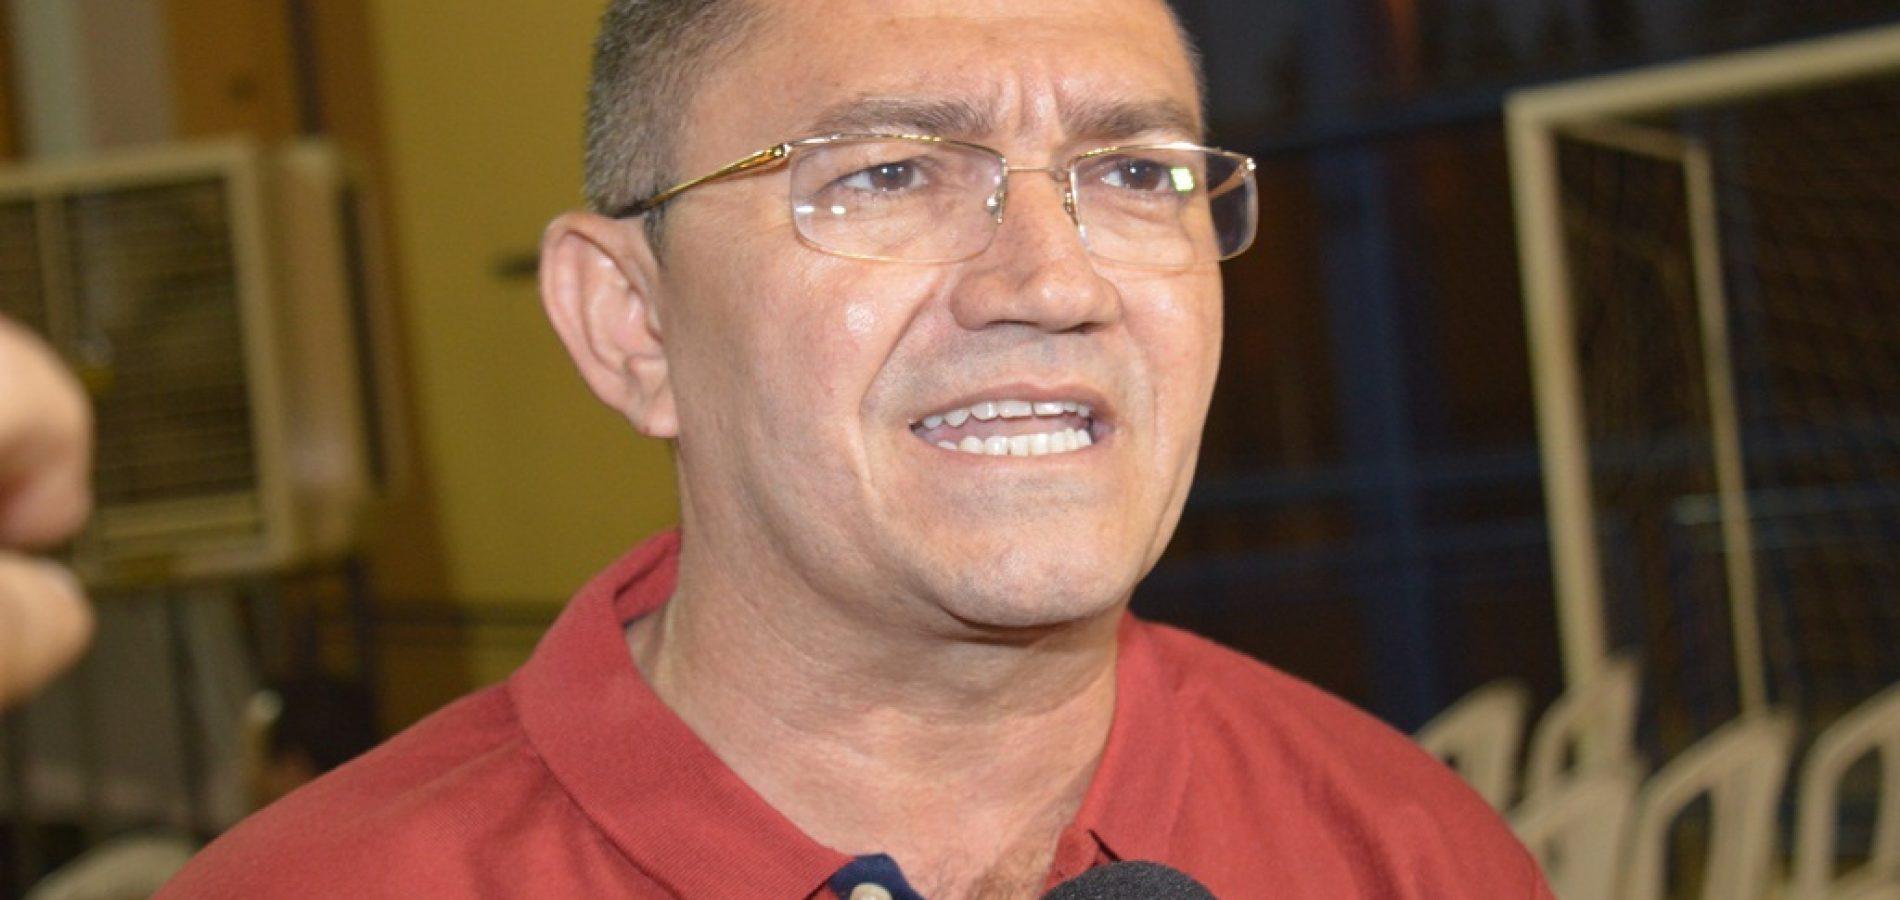 """Prefeitura de Picos diz que filha de Emir não é médica, """"foi um erro na transmissão de dados"""""""